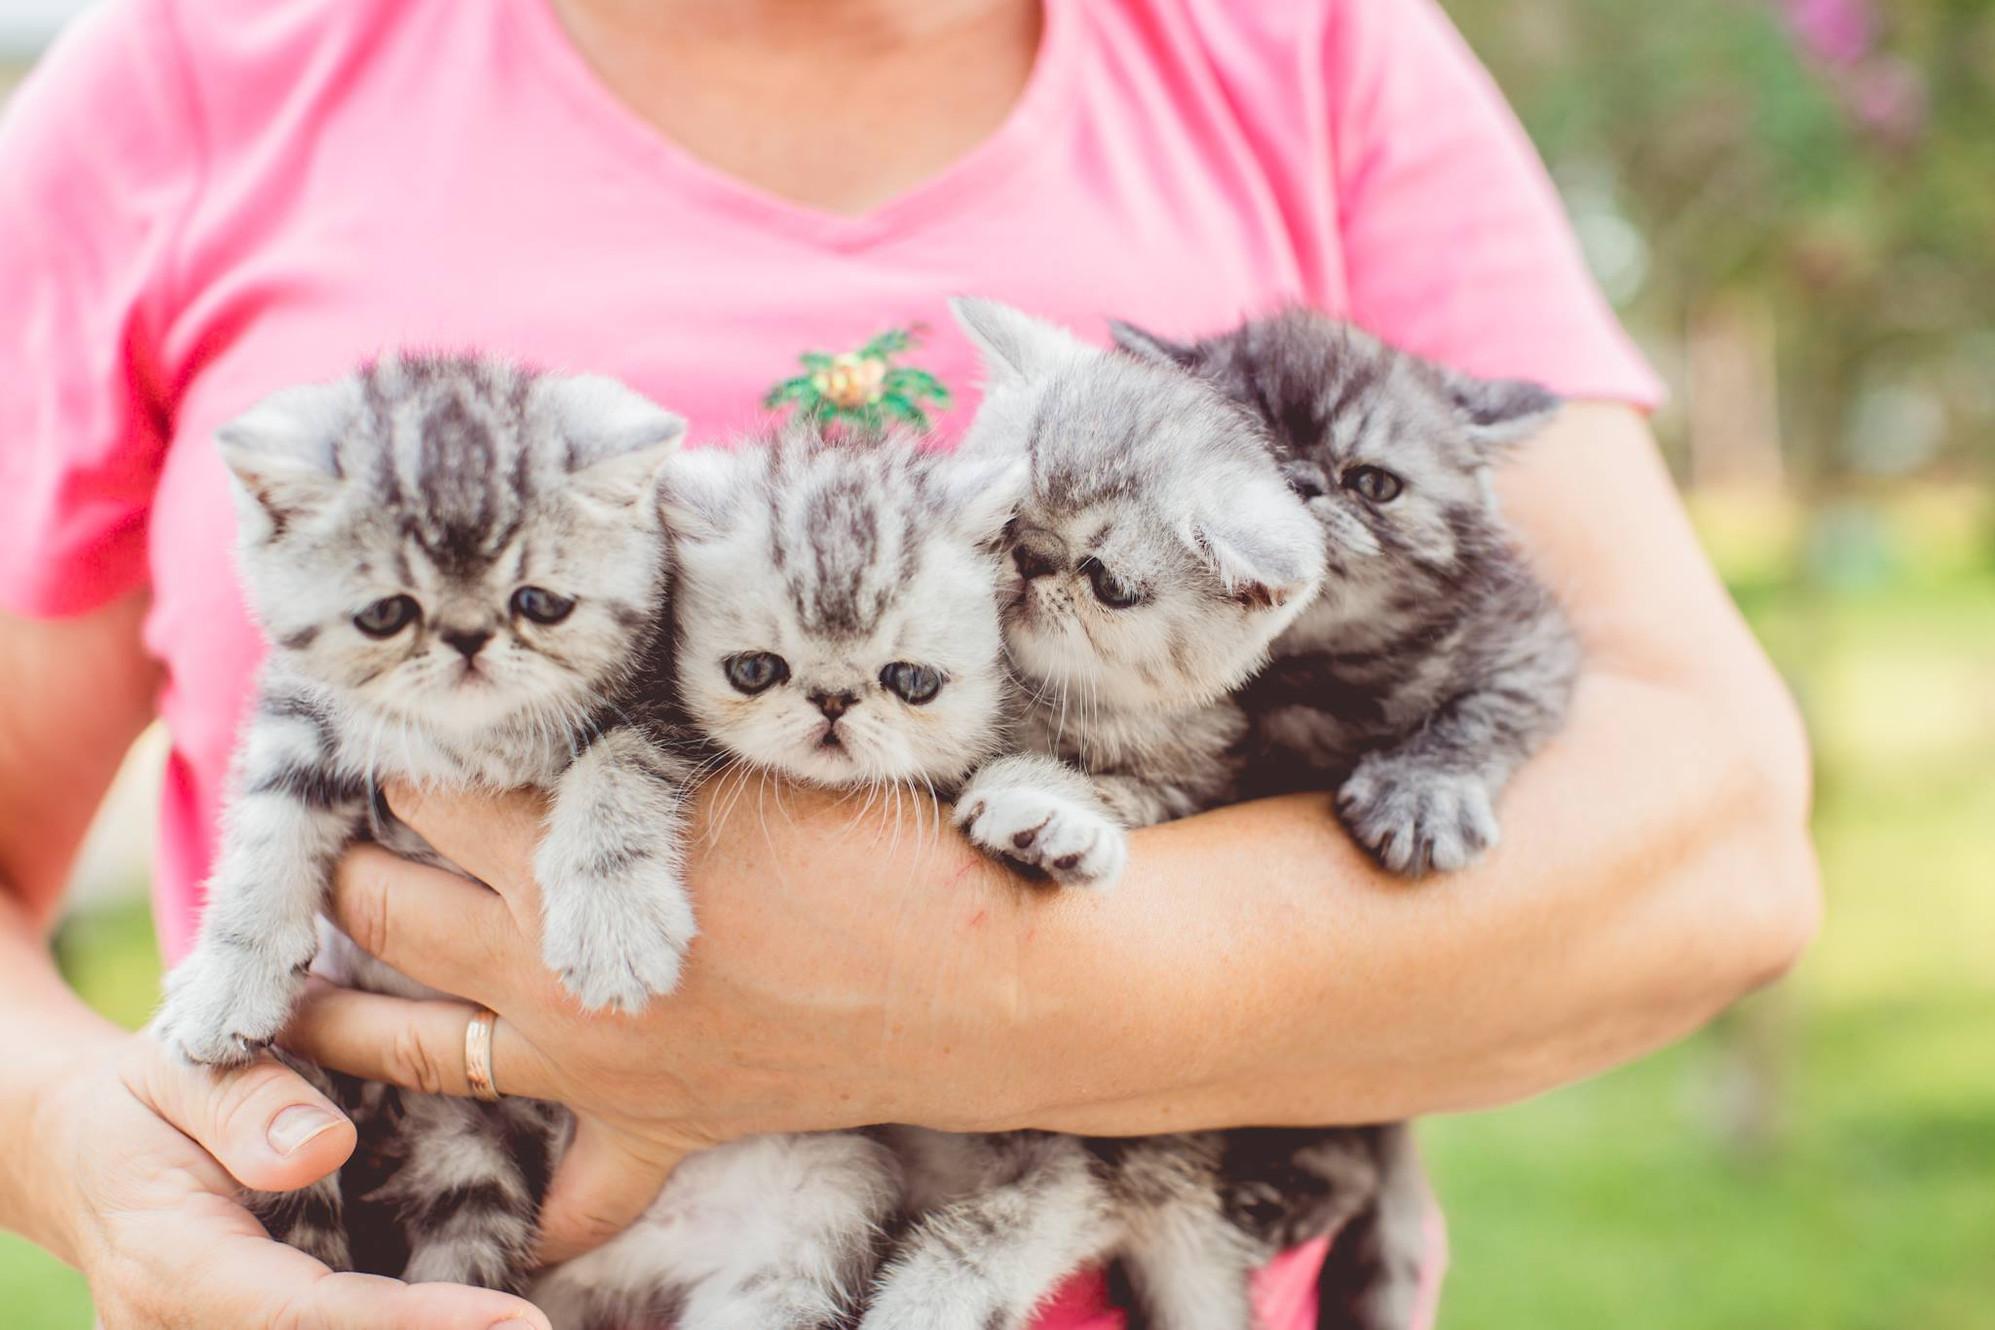 Southwest Florida Exotic Shorthair Cattery   Kittens for